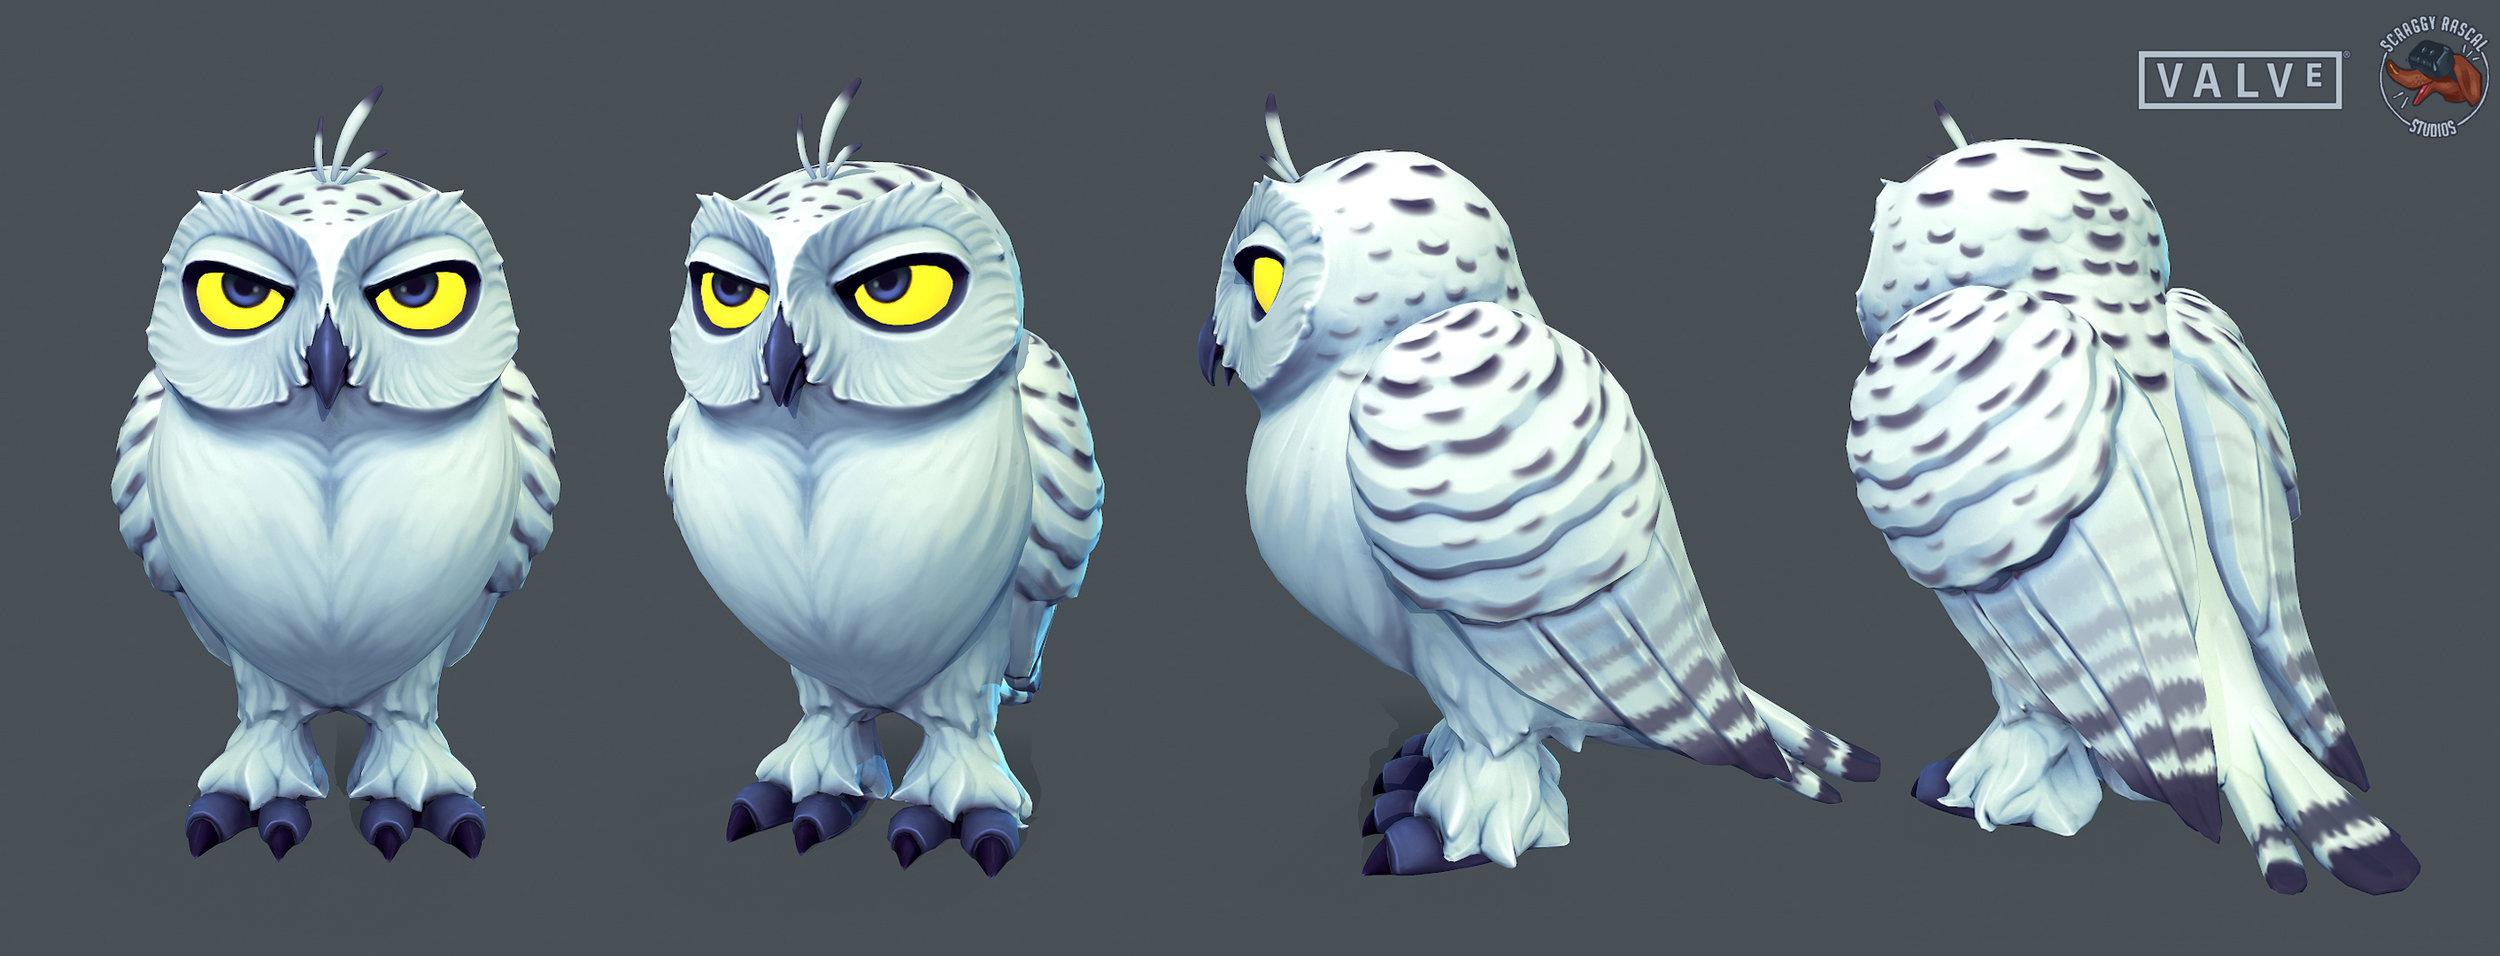 owl_turnaround1.jpg